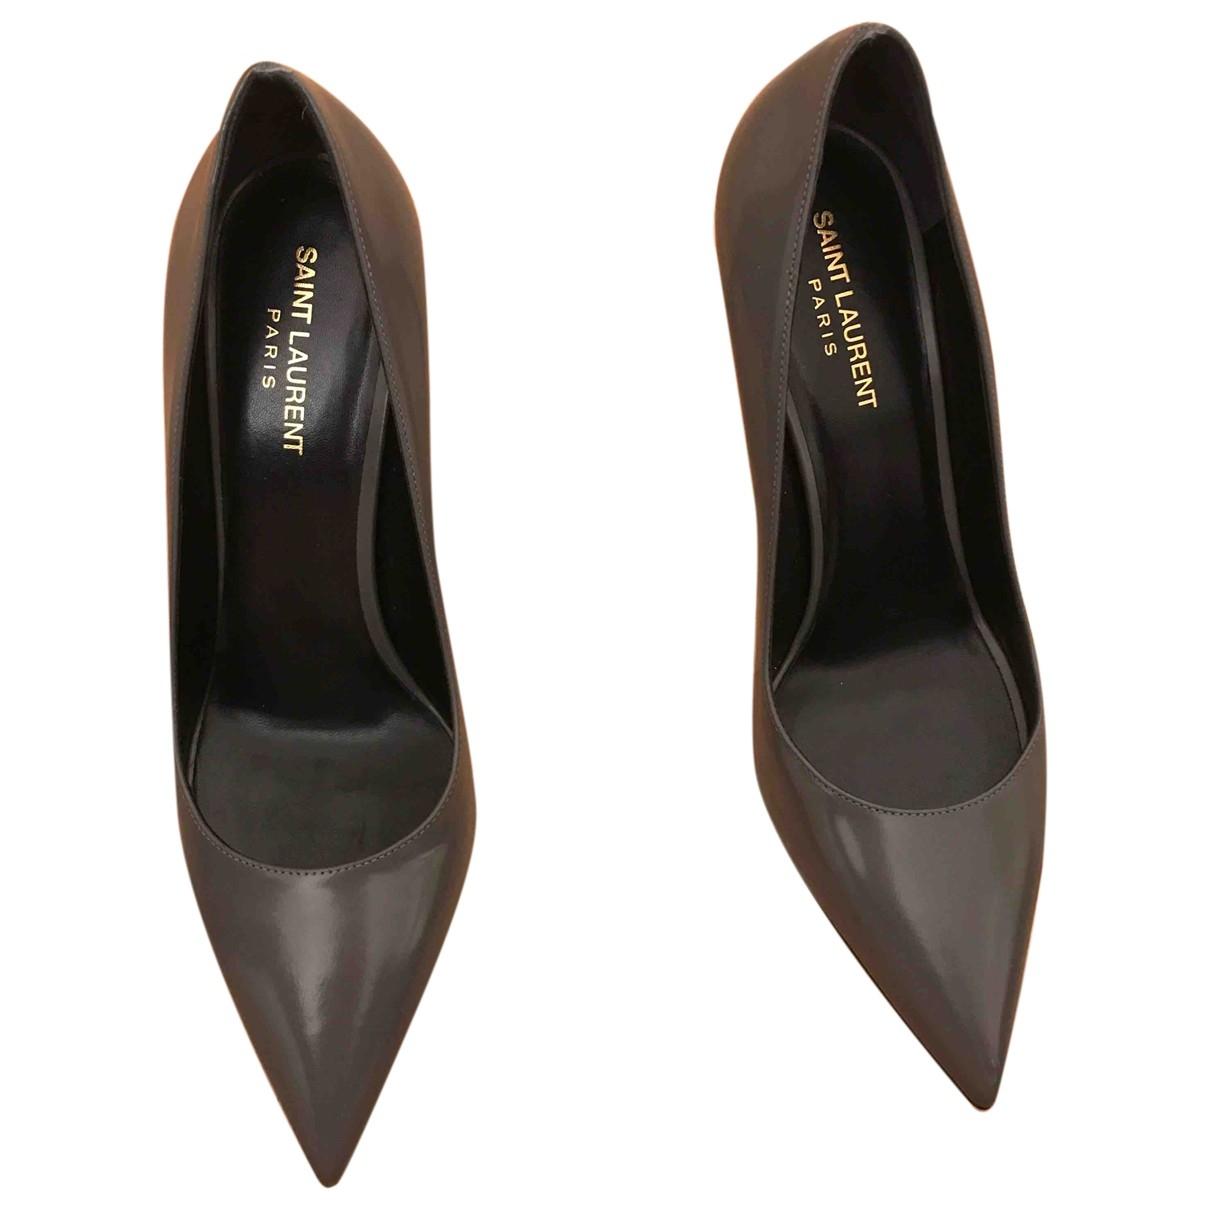 Saint Laurent \N Grey Leather Heels for Women 40 EU